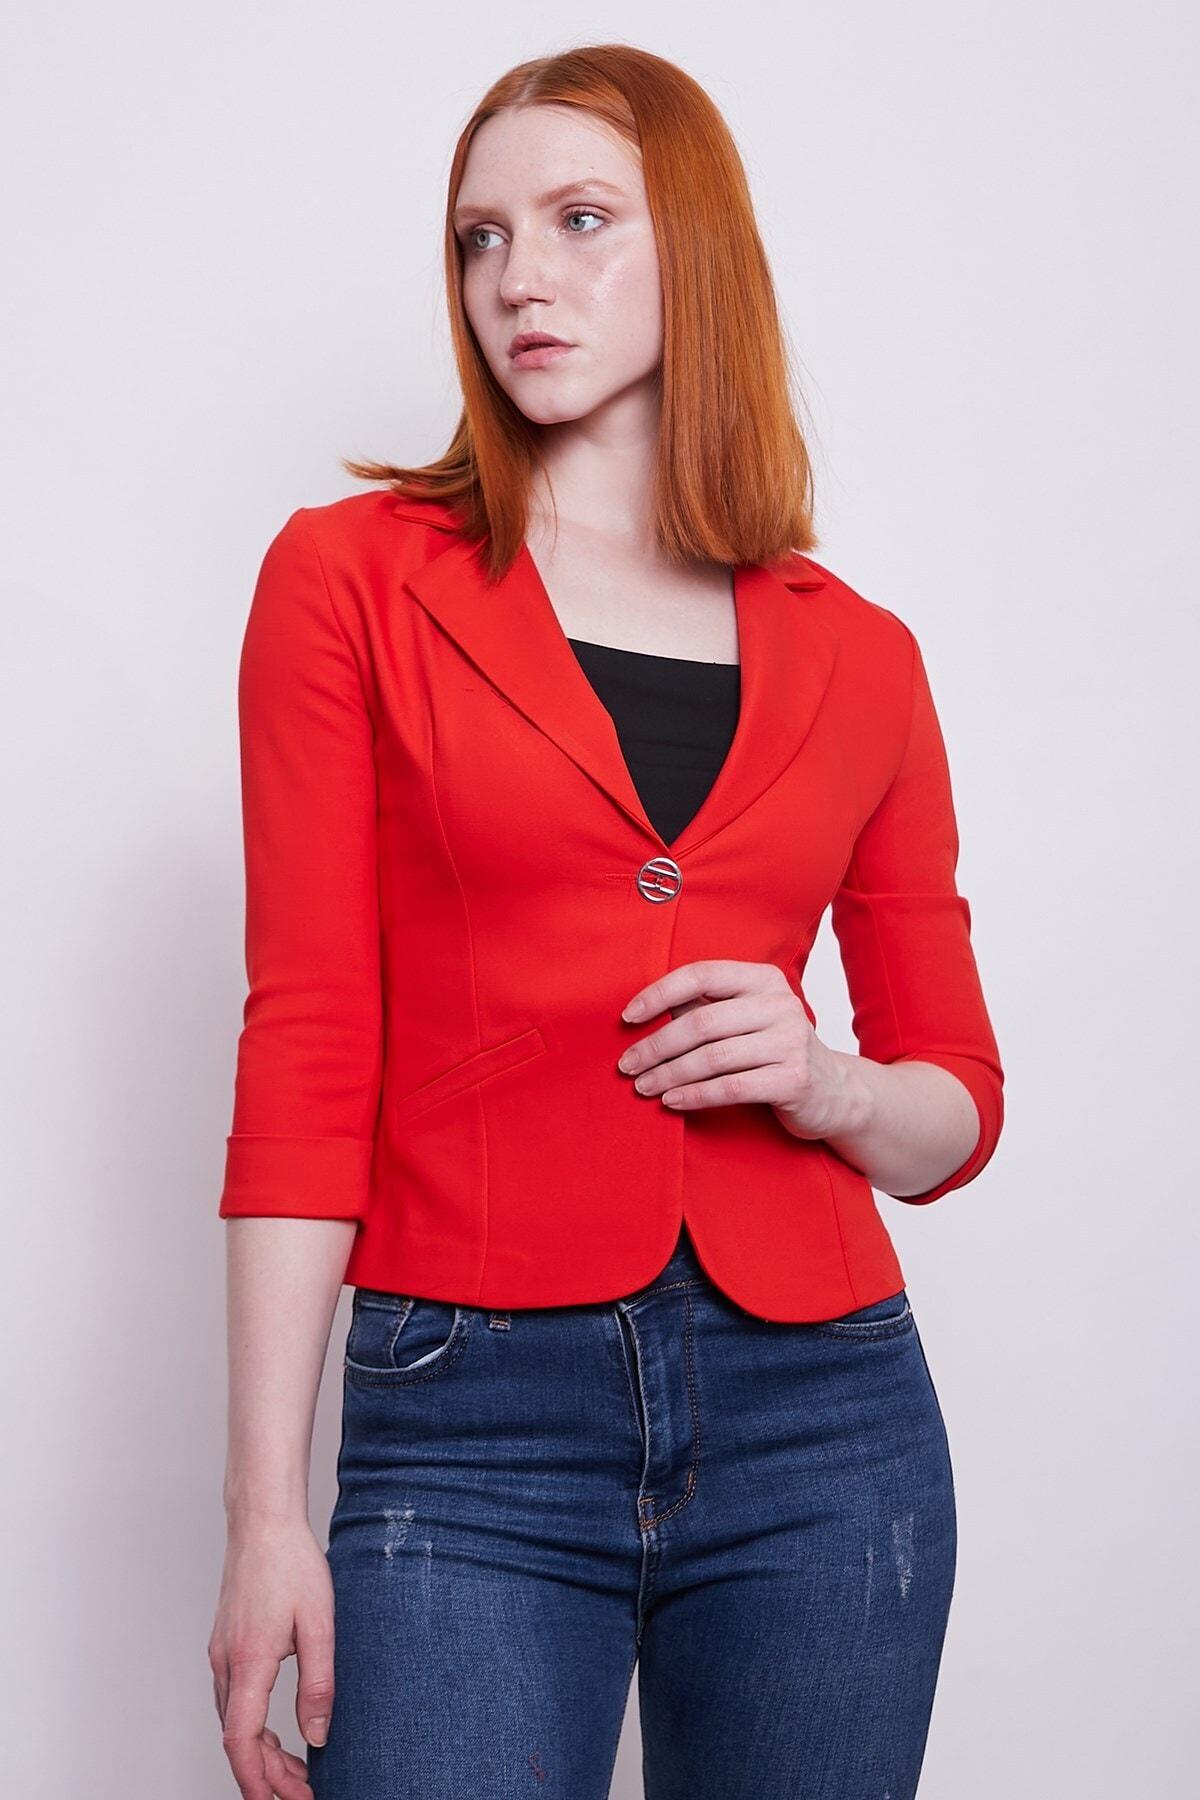 Yakalı Flato Cepli Capri Kol Kısa Blazer Ceket-açık Kırmızı